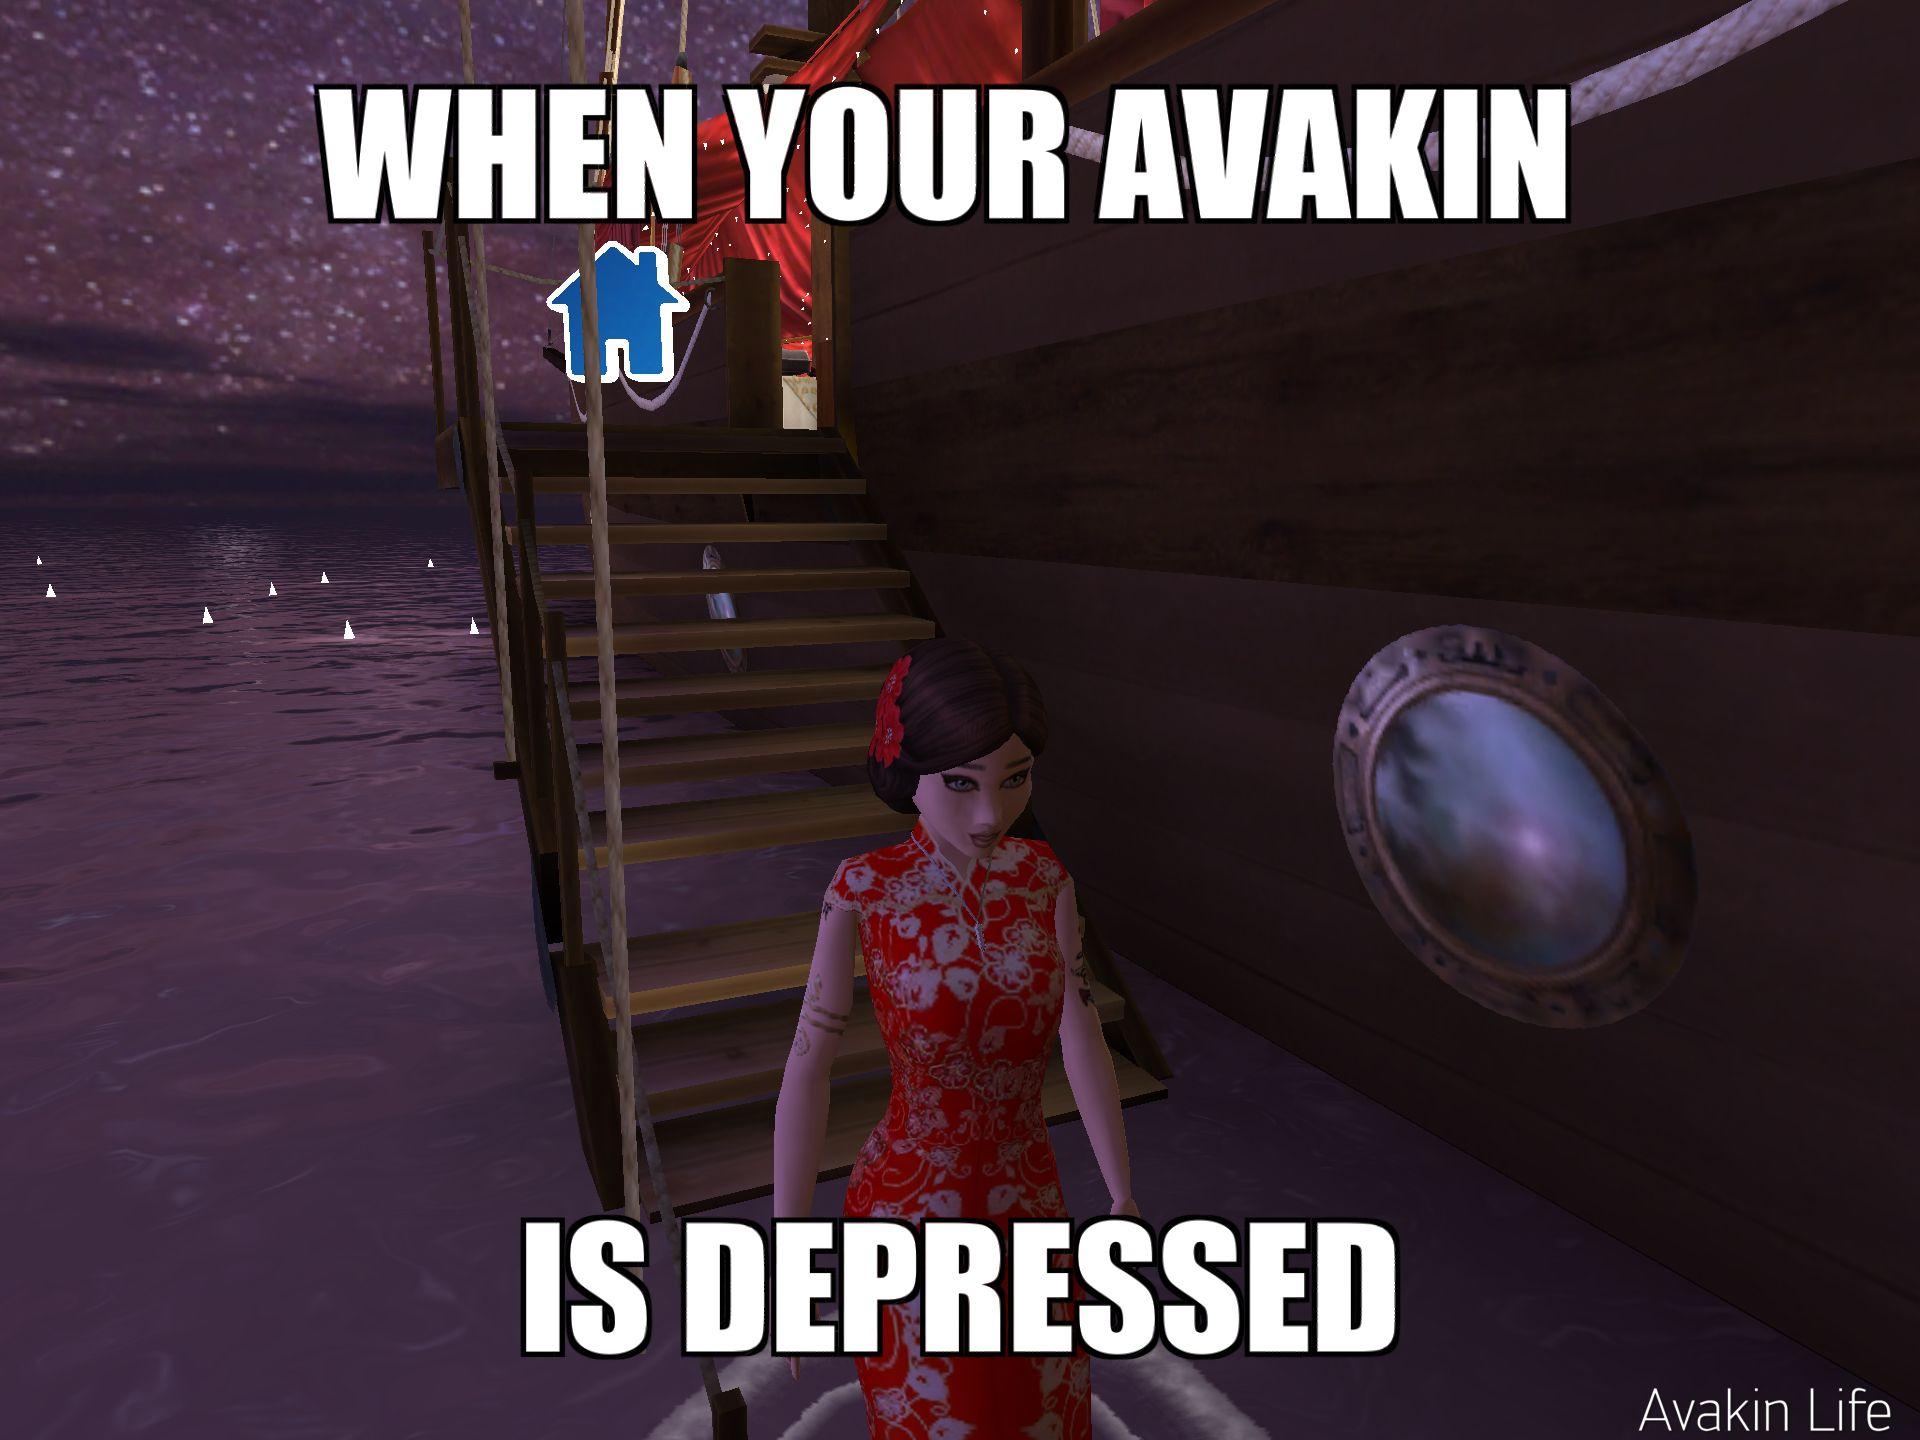 My Avakin Life Snapshot